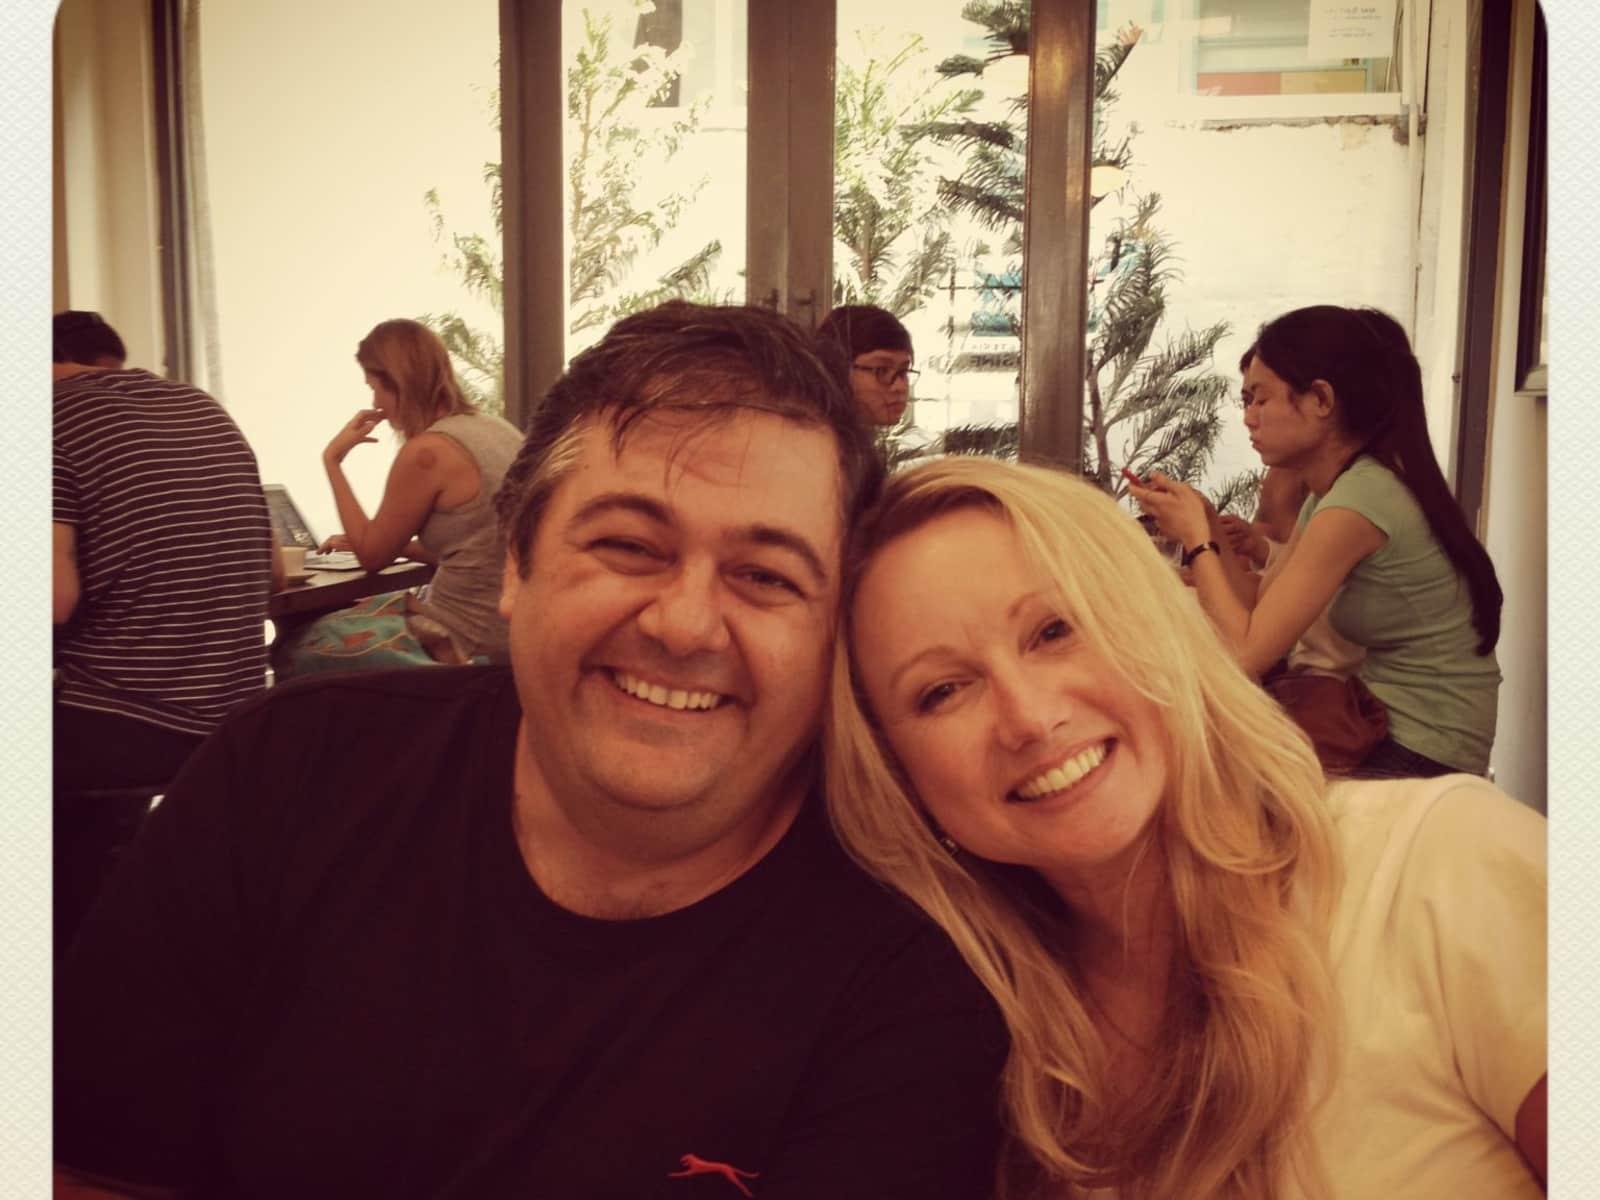 Karletta & John from Brisbane, Queensland, Australia